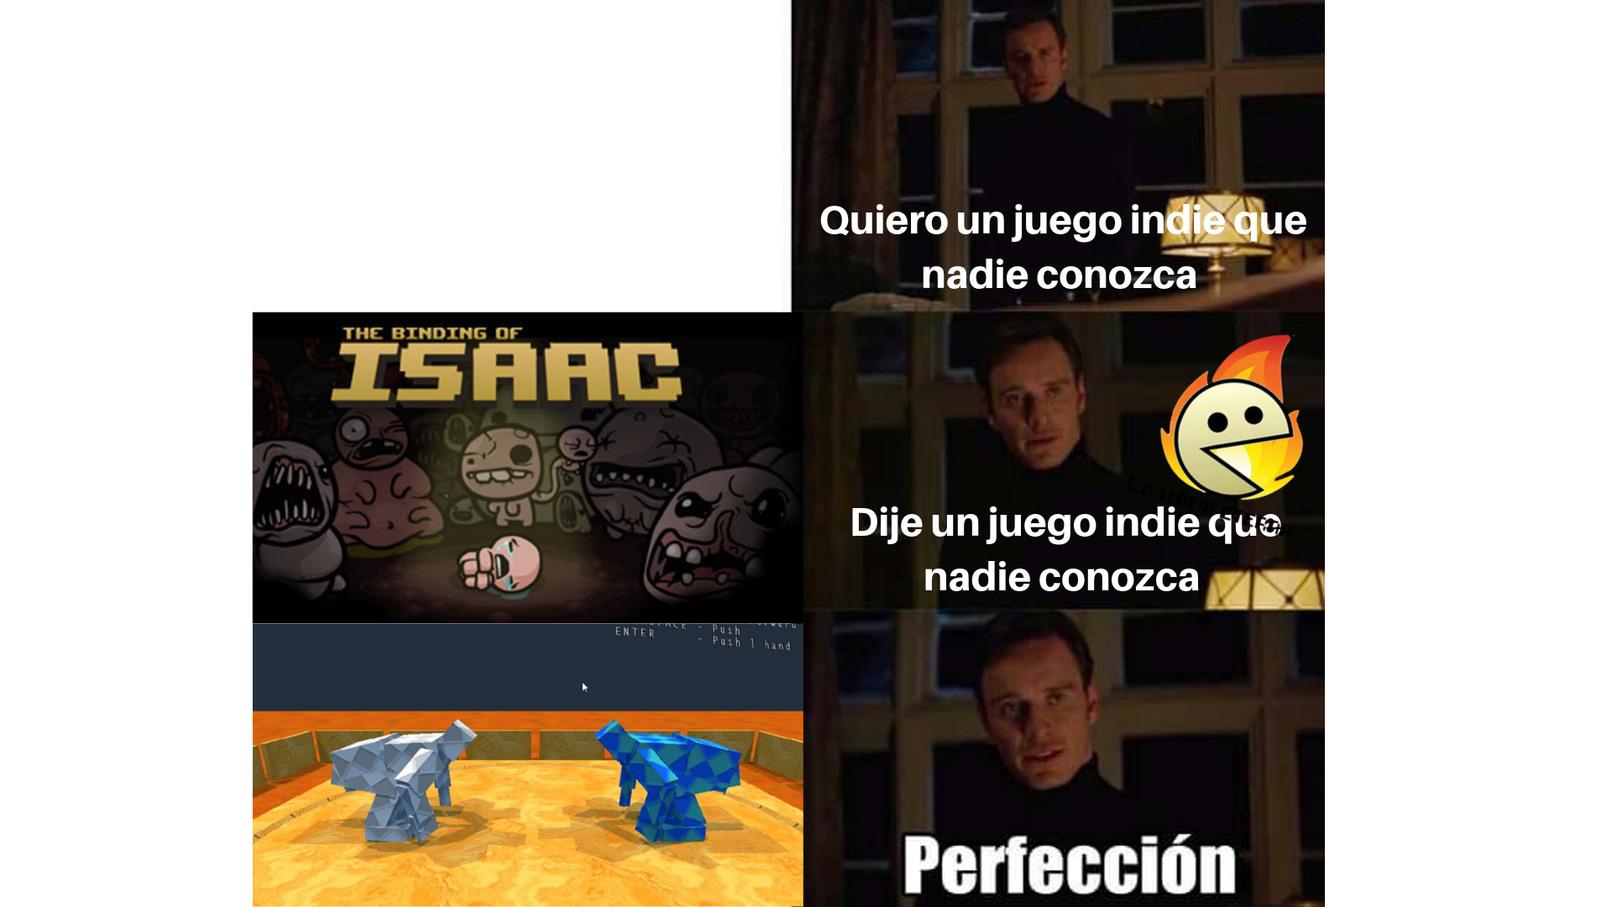 El sumotori dreams :v - meme